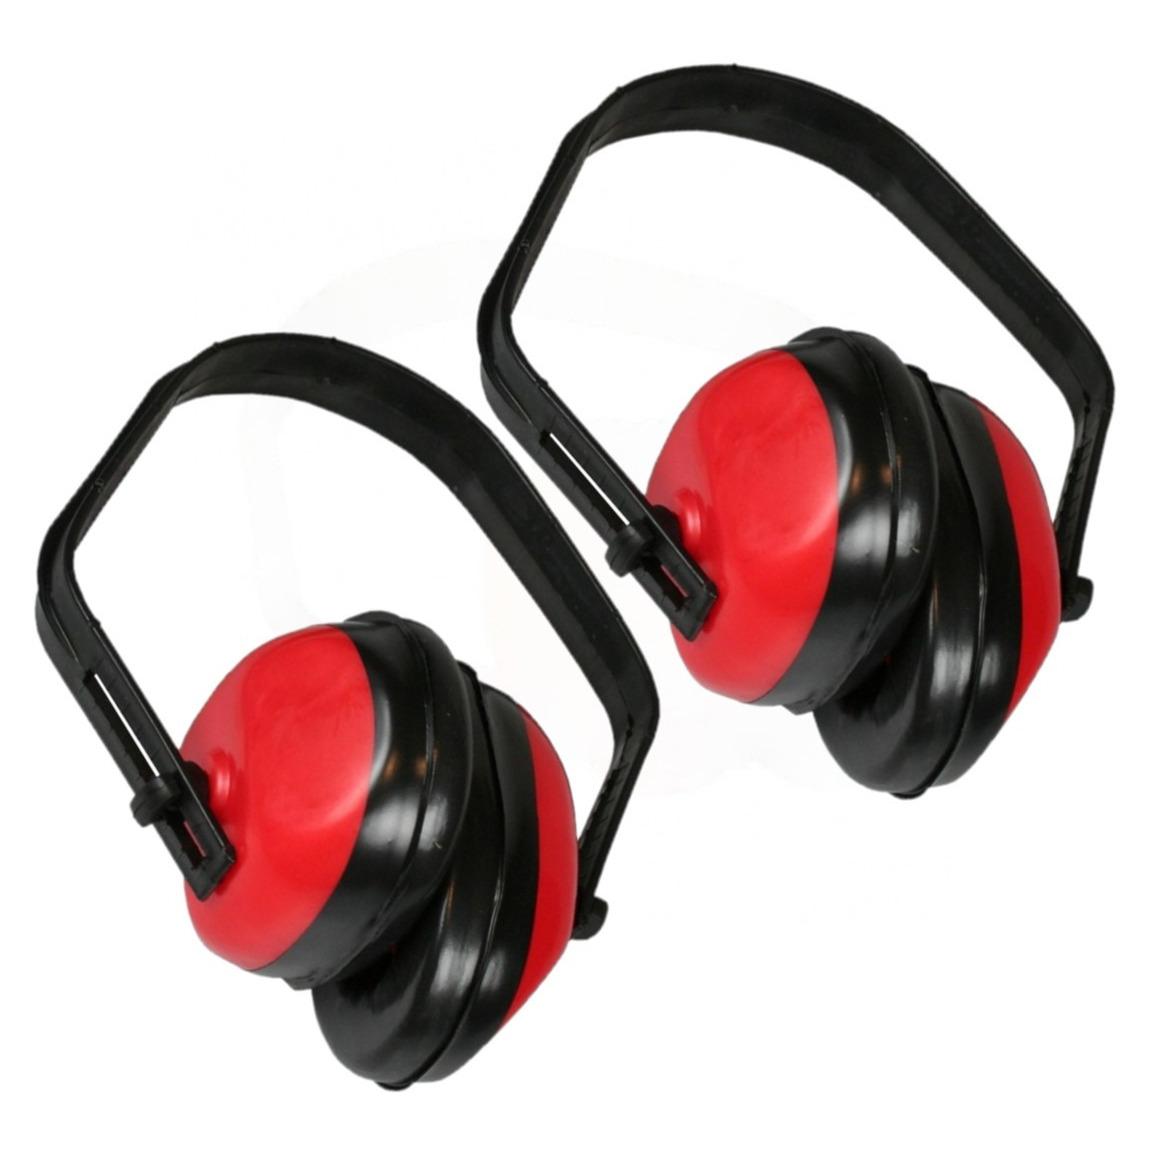 Pakket van 3x stuks gehoorbeschermers rood met CE keurmerk -